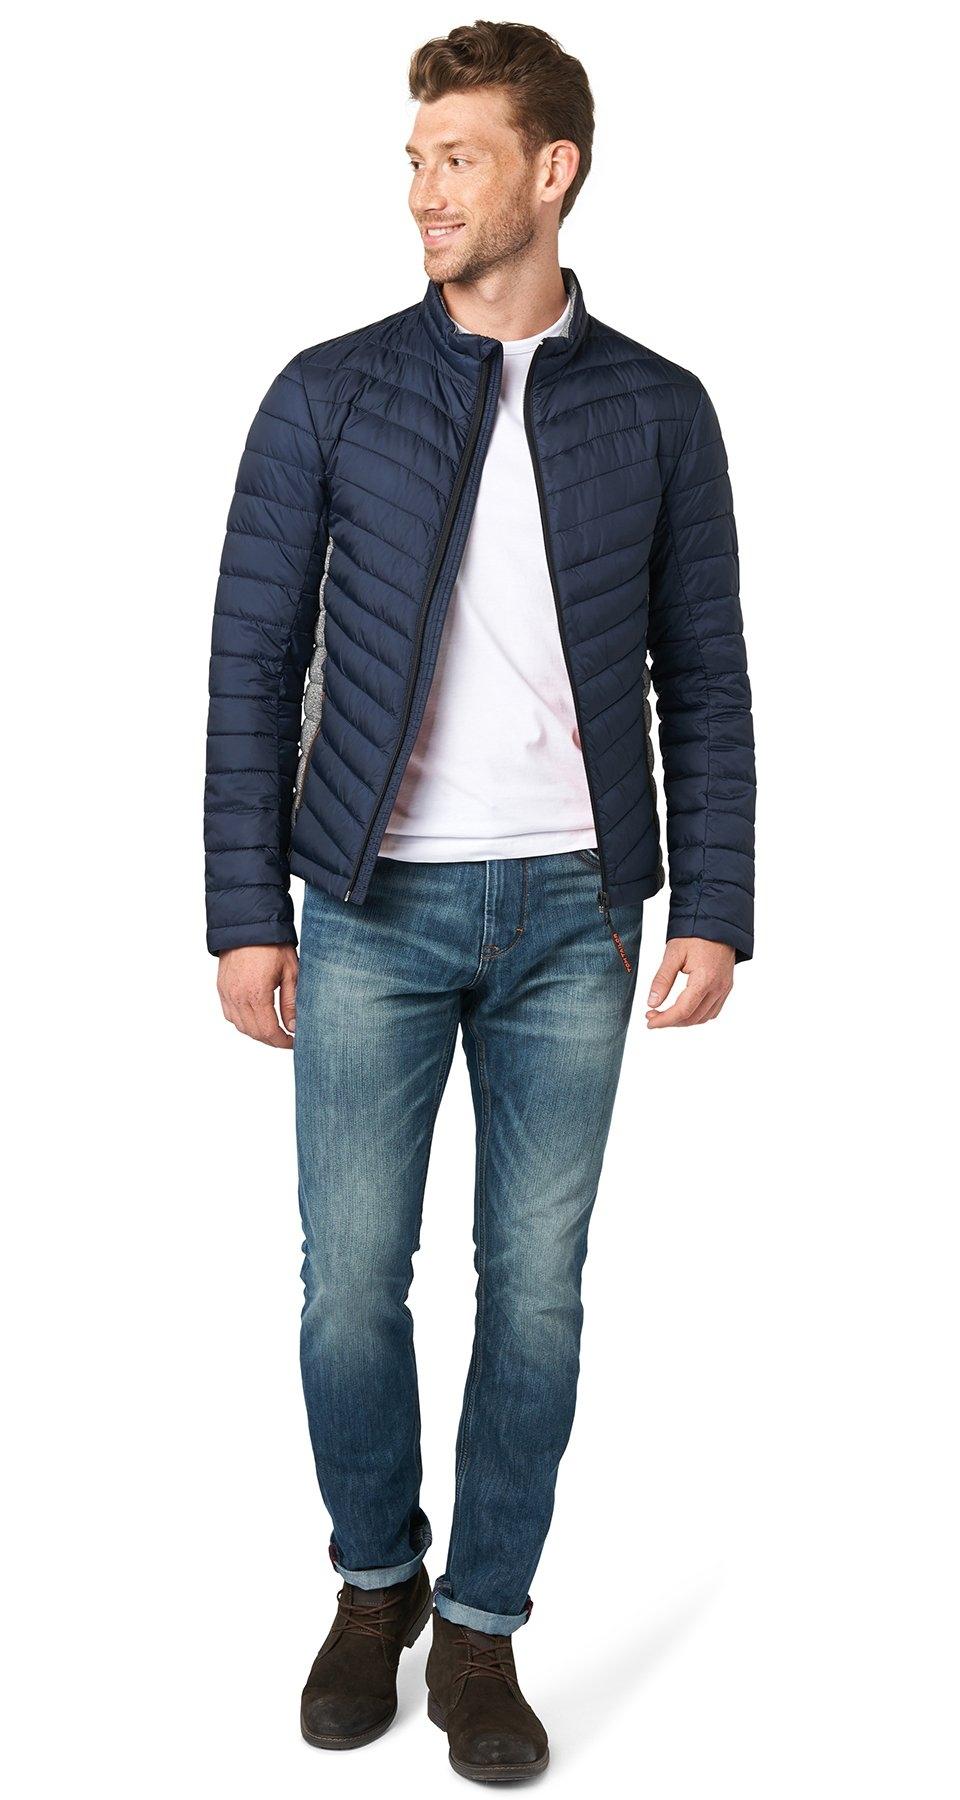 TOM TAILOR Jeans »Basic jeans met wassing« bestellen: 14 dagen bedenktijd